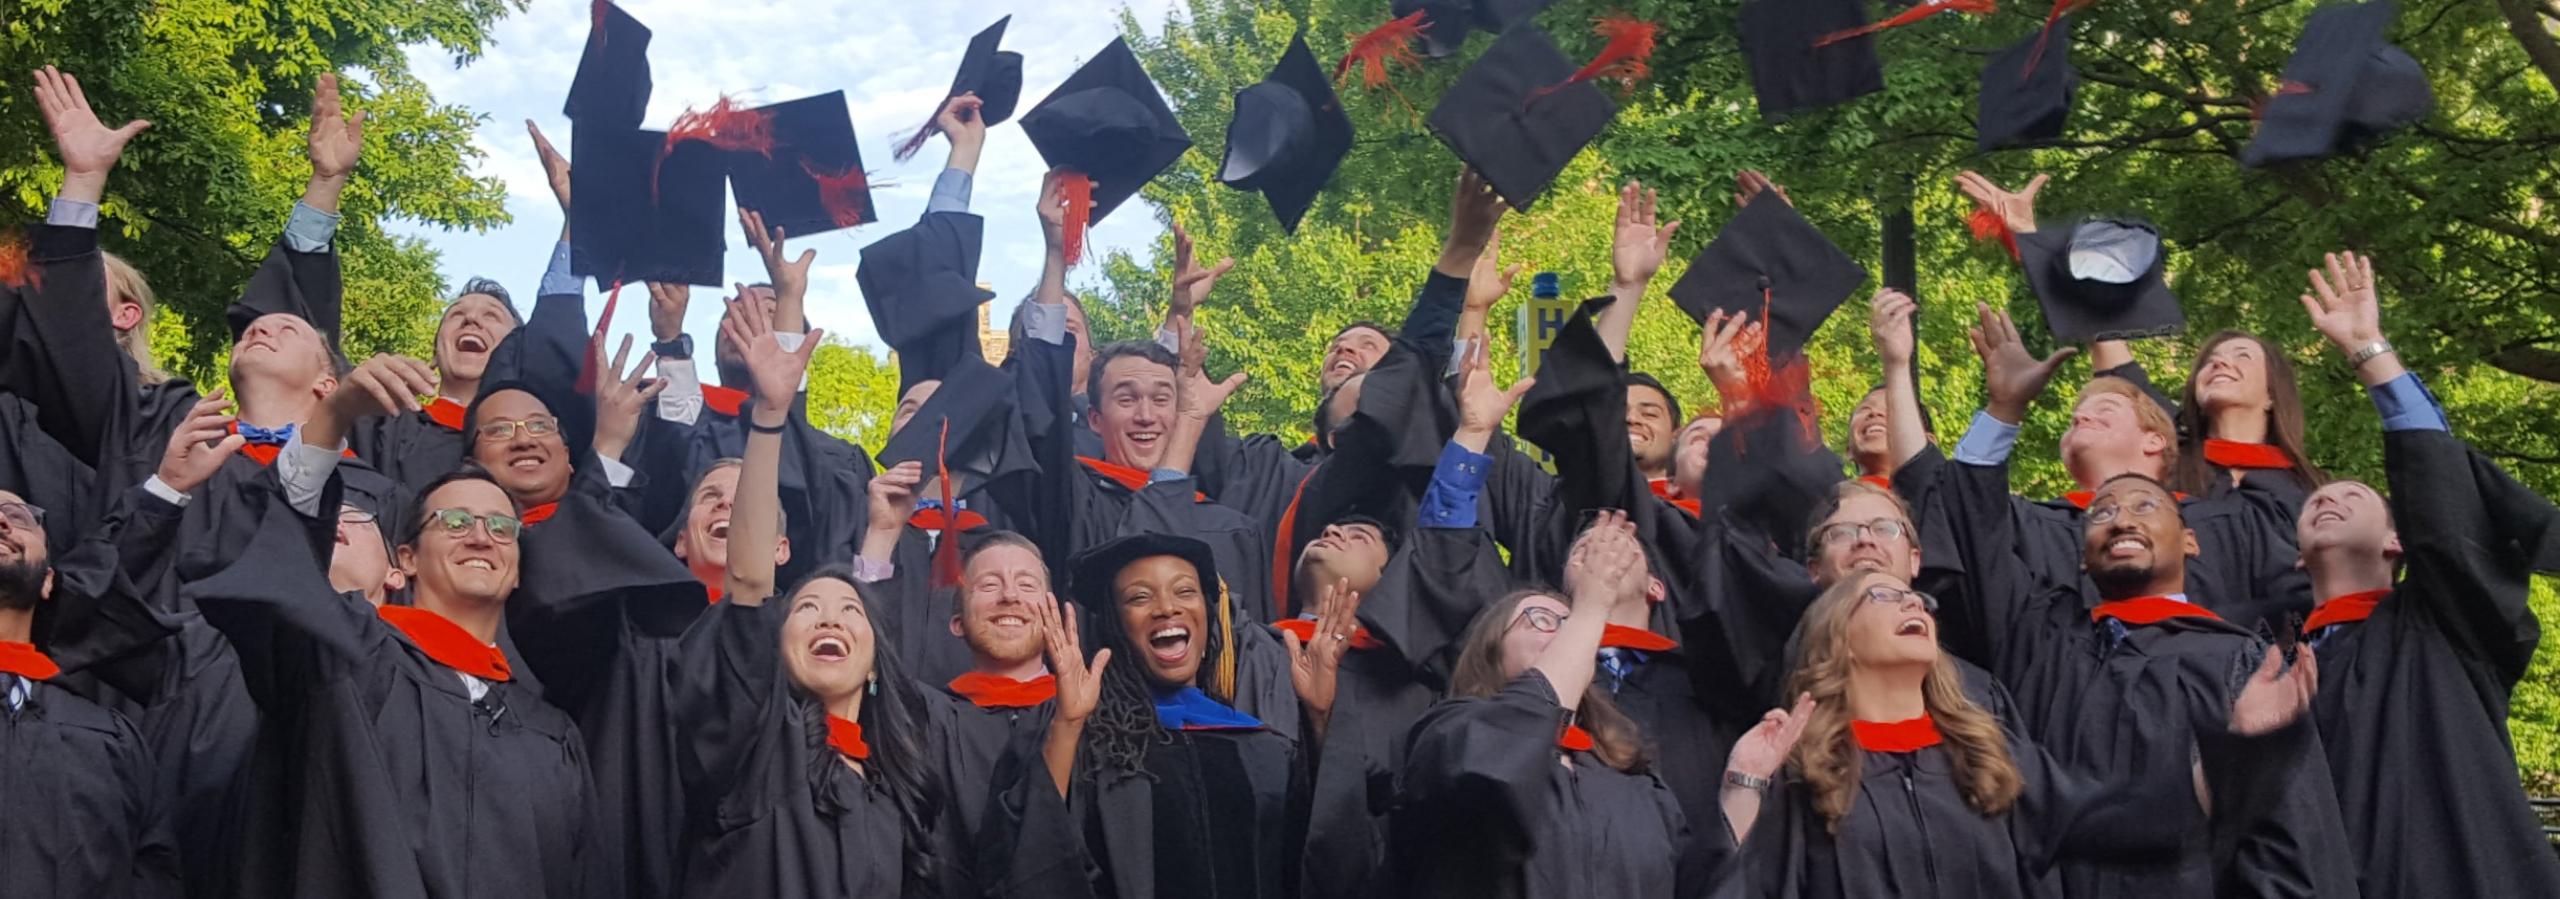 Duke Master of Engineering Management graduates celebrate